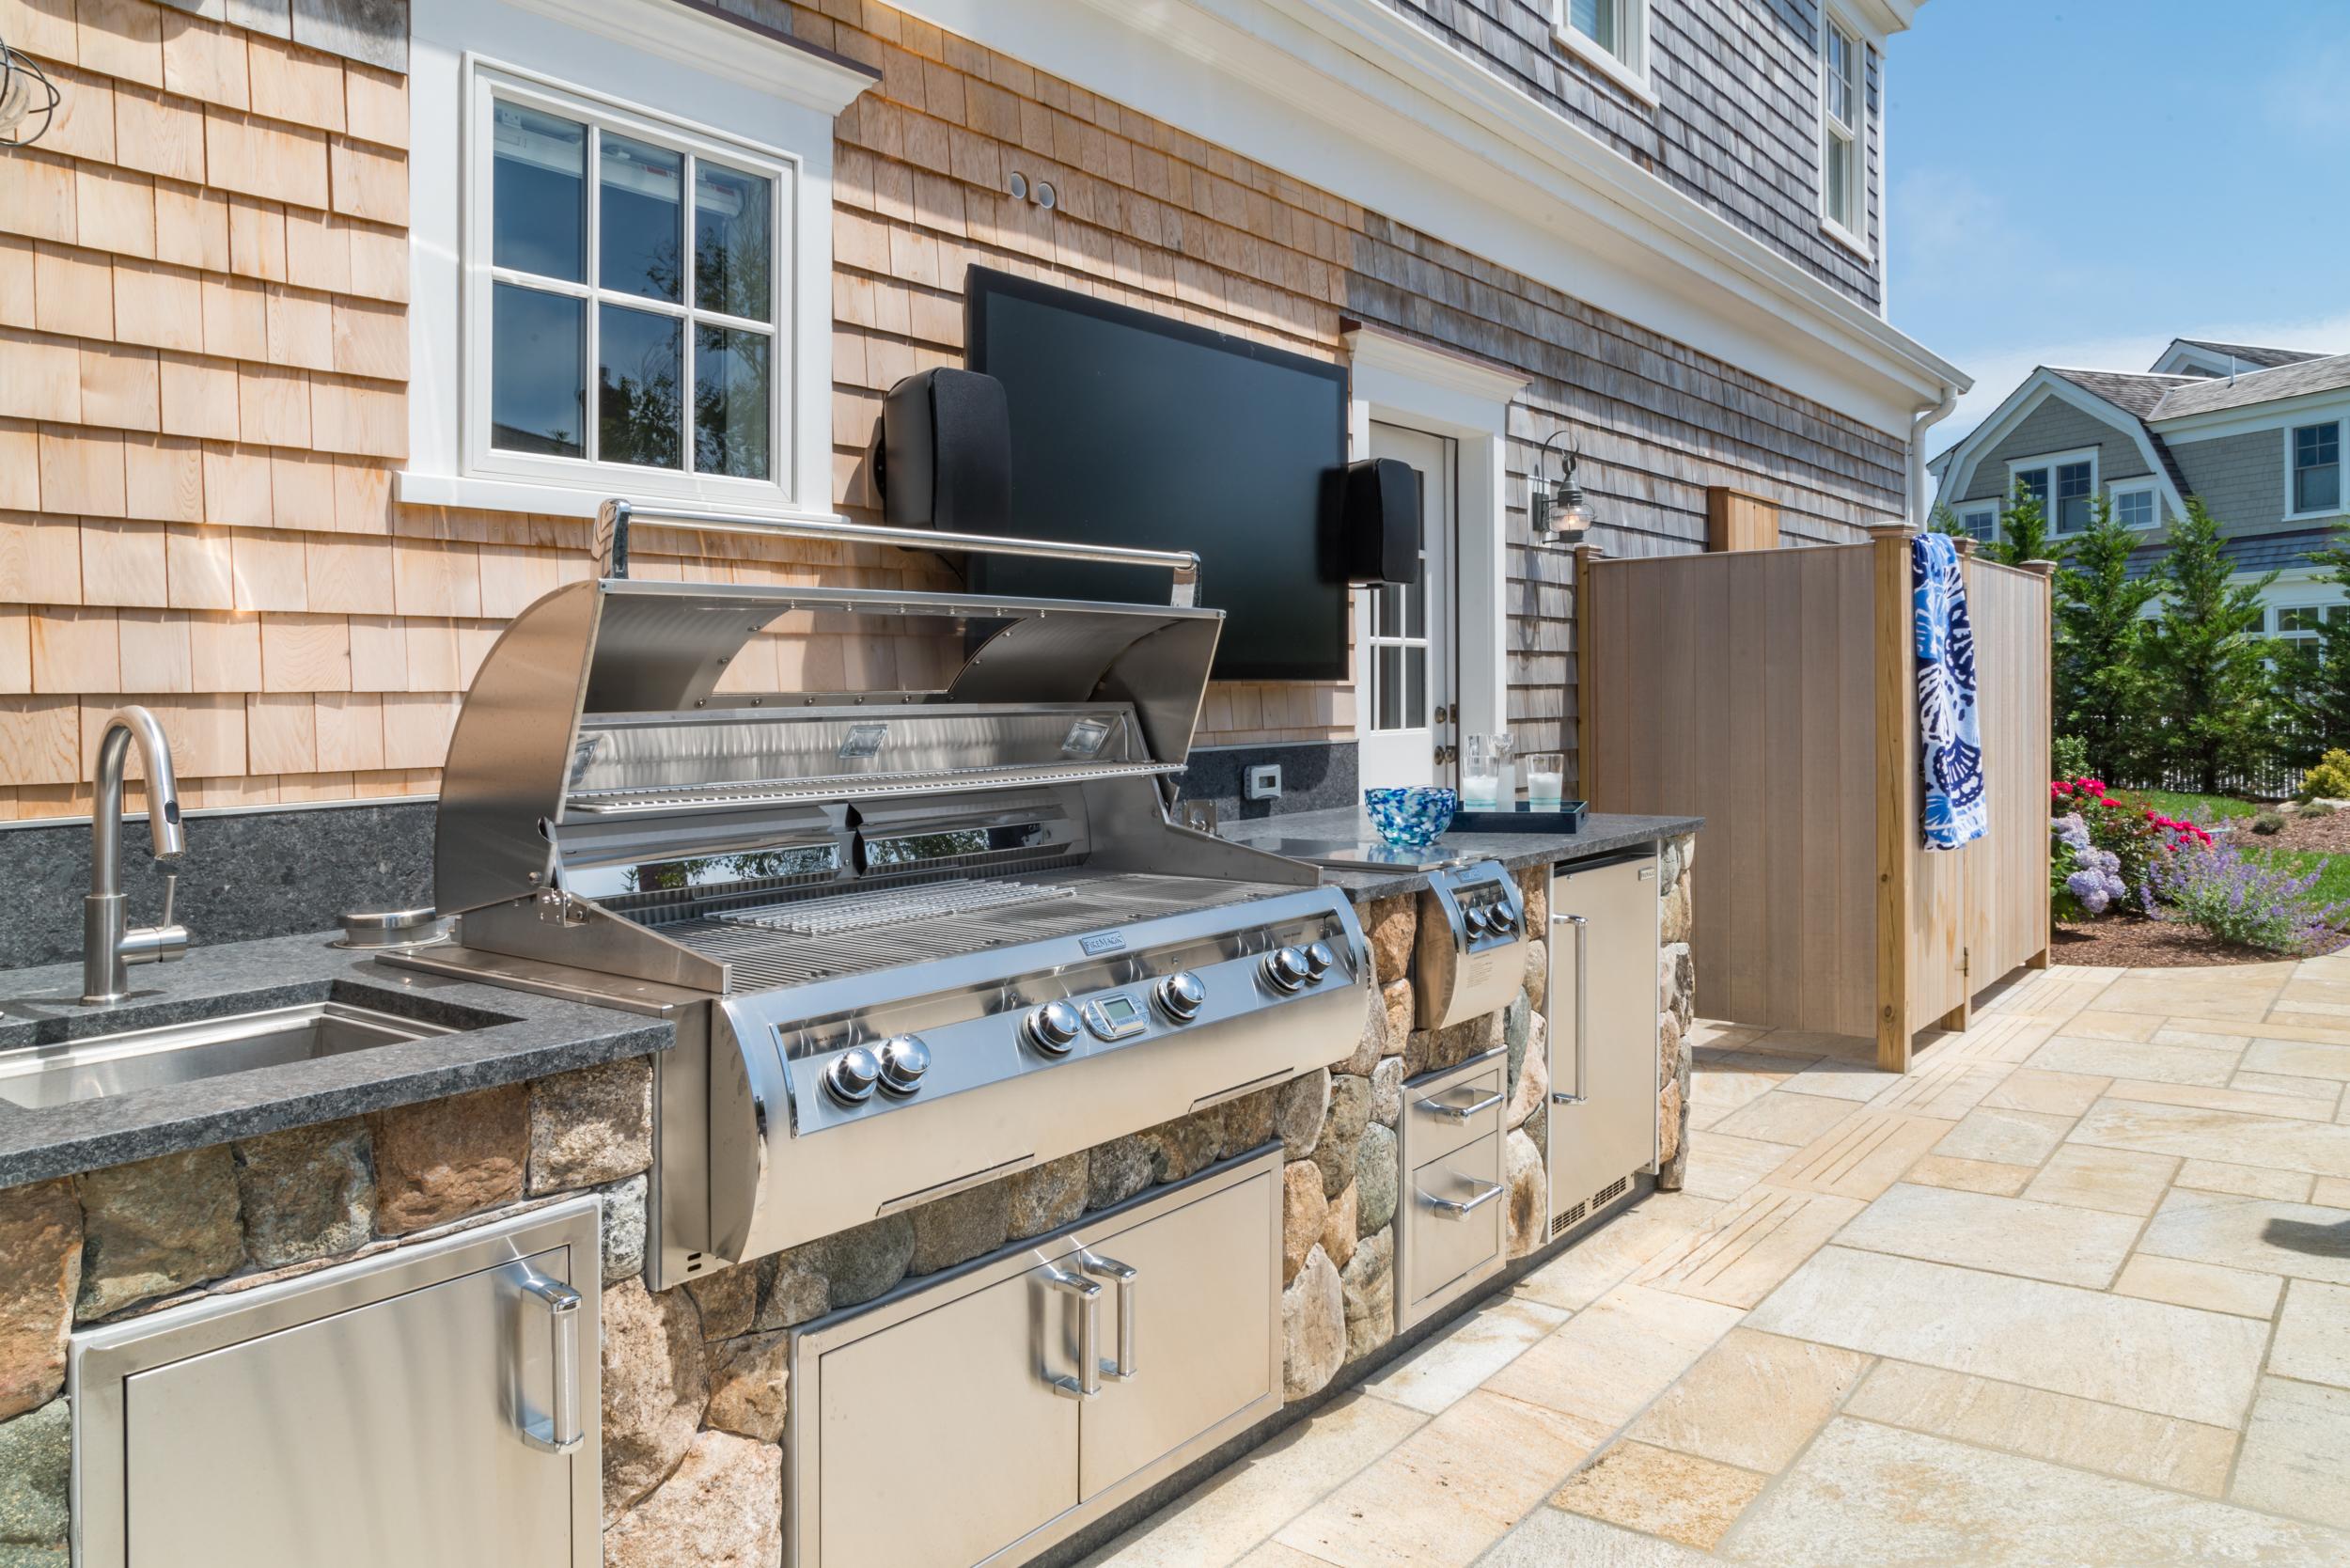 Architecture_Outdoor_Kitchen-4.jpg